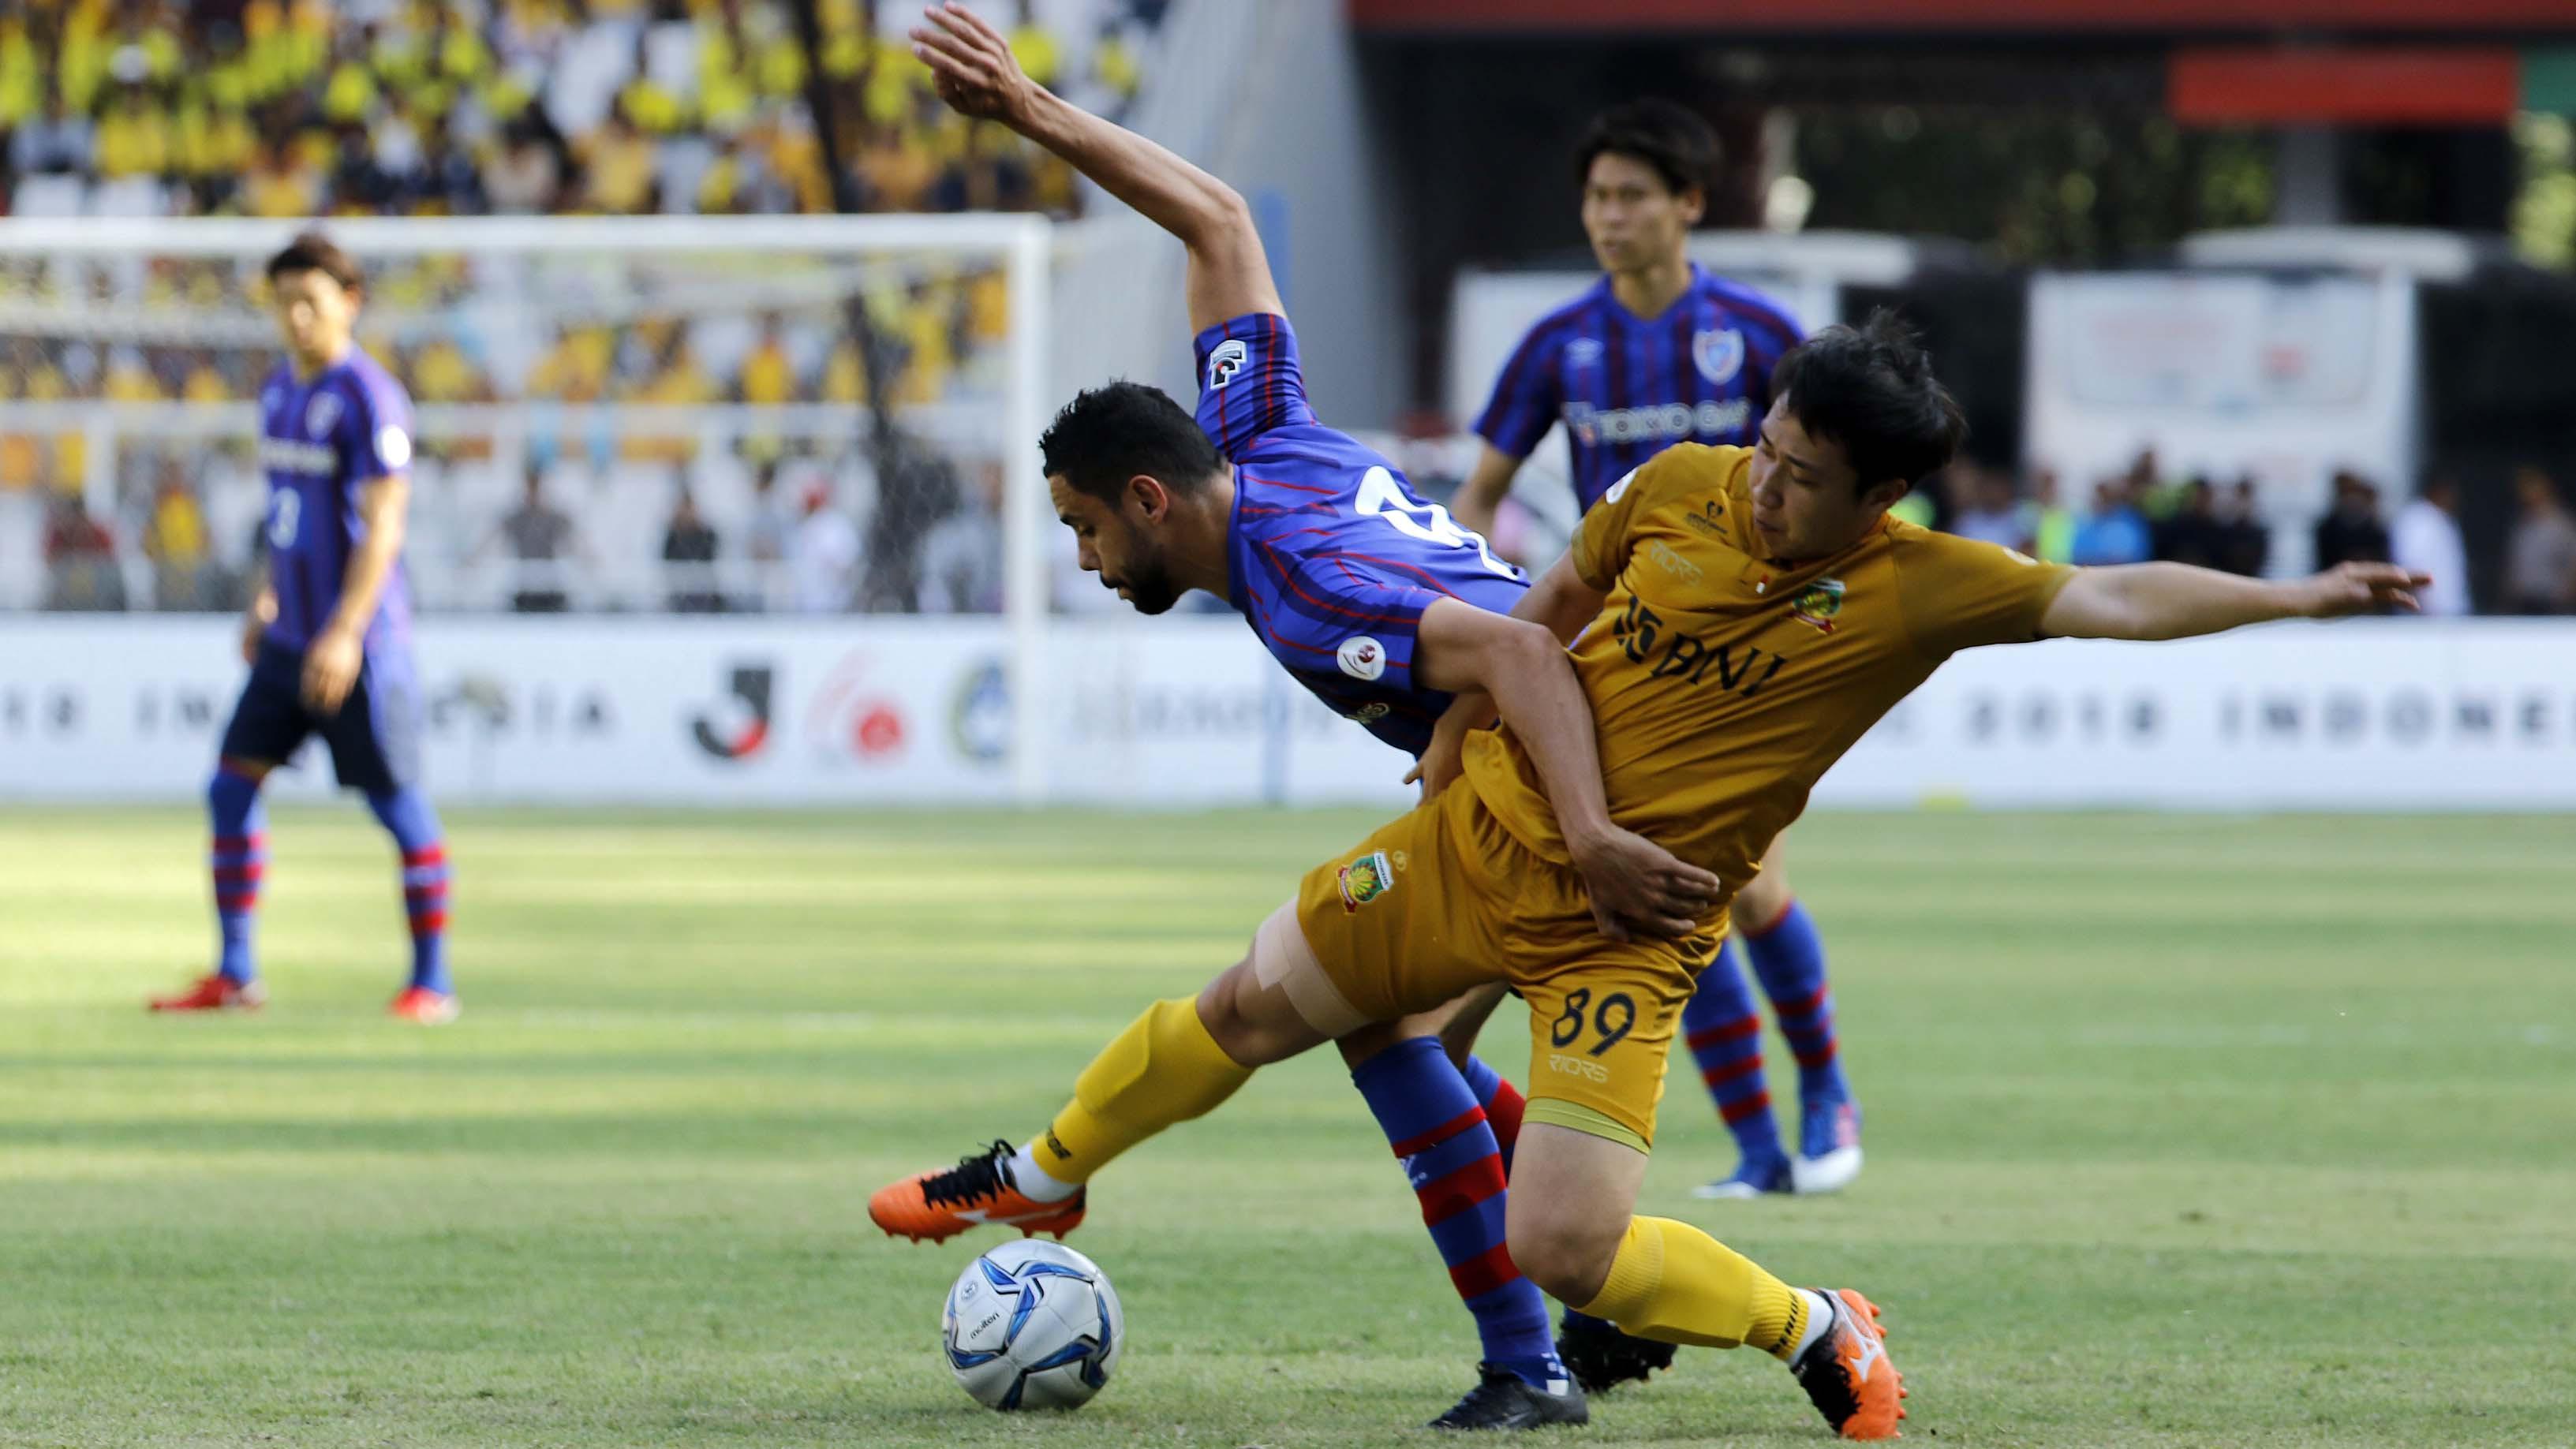 Duel Diego Oliveira (kiri) striker FC Tokyo, dengan Lee Yoo Jun asal Bhayangkara FC dalam laga persahabatan di Stadion Utama Gelora Bung Karno, Senayan Jakarta pada Sabtu (27/1/2018). (Bola.com/Peksi Cahyo)